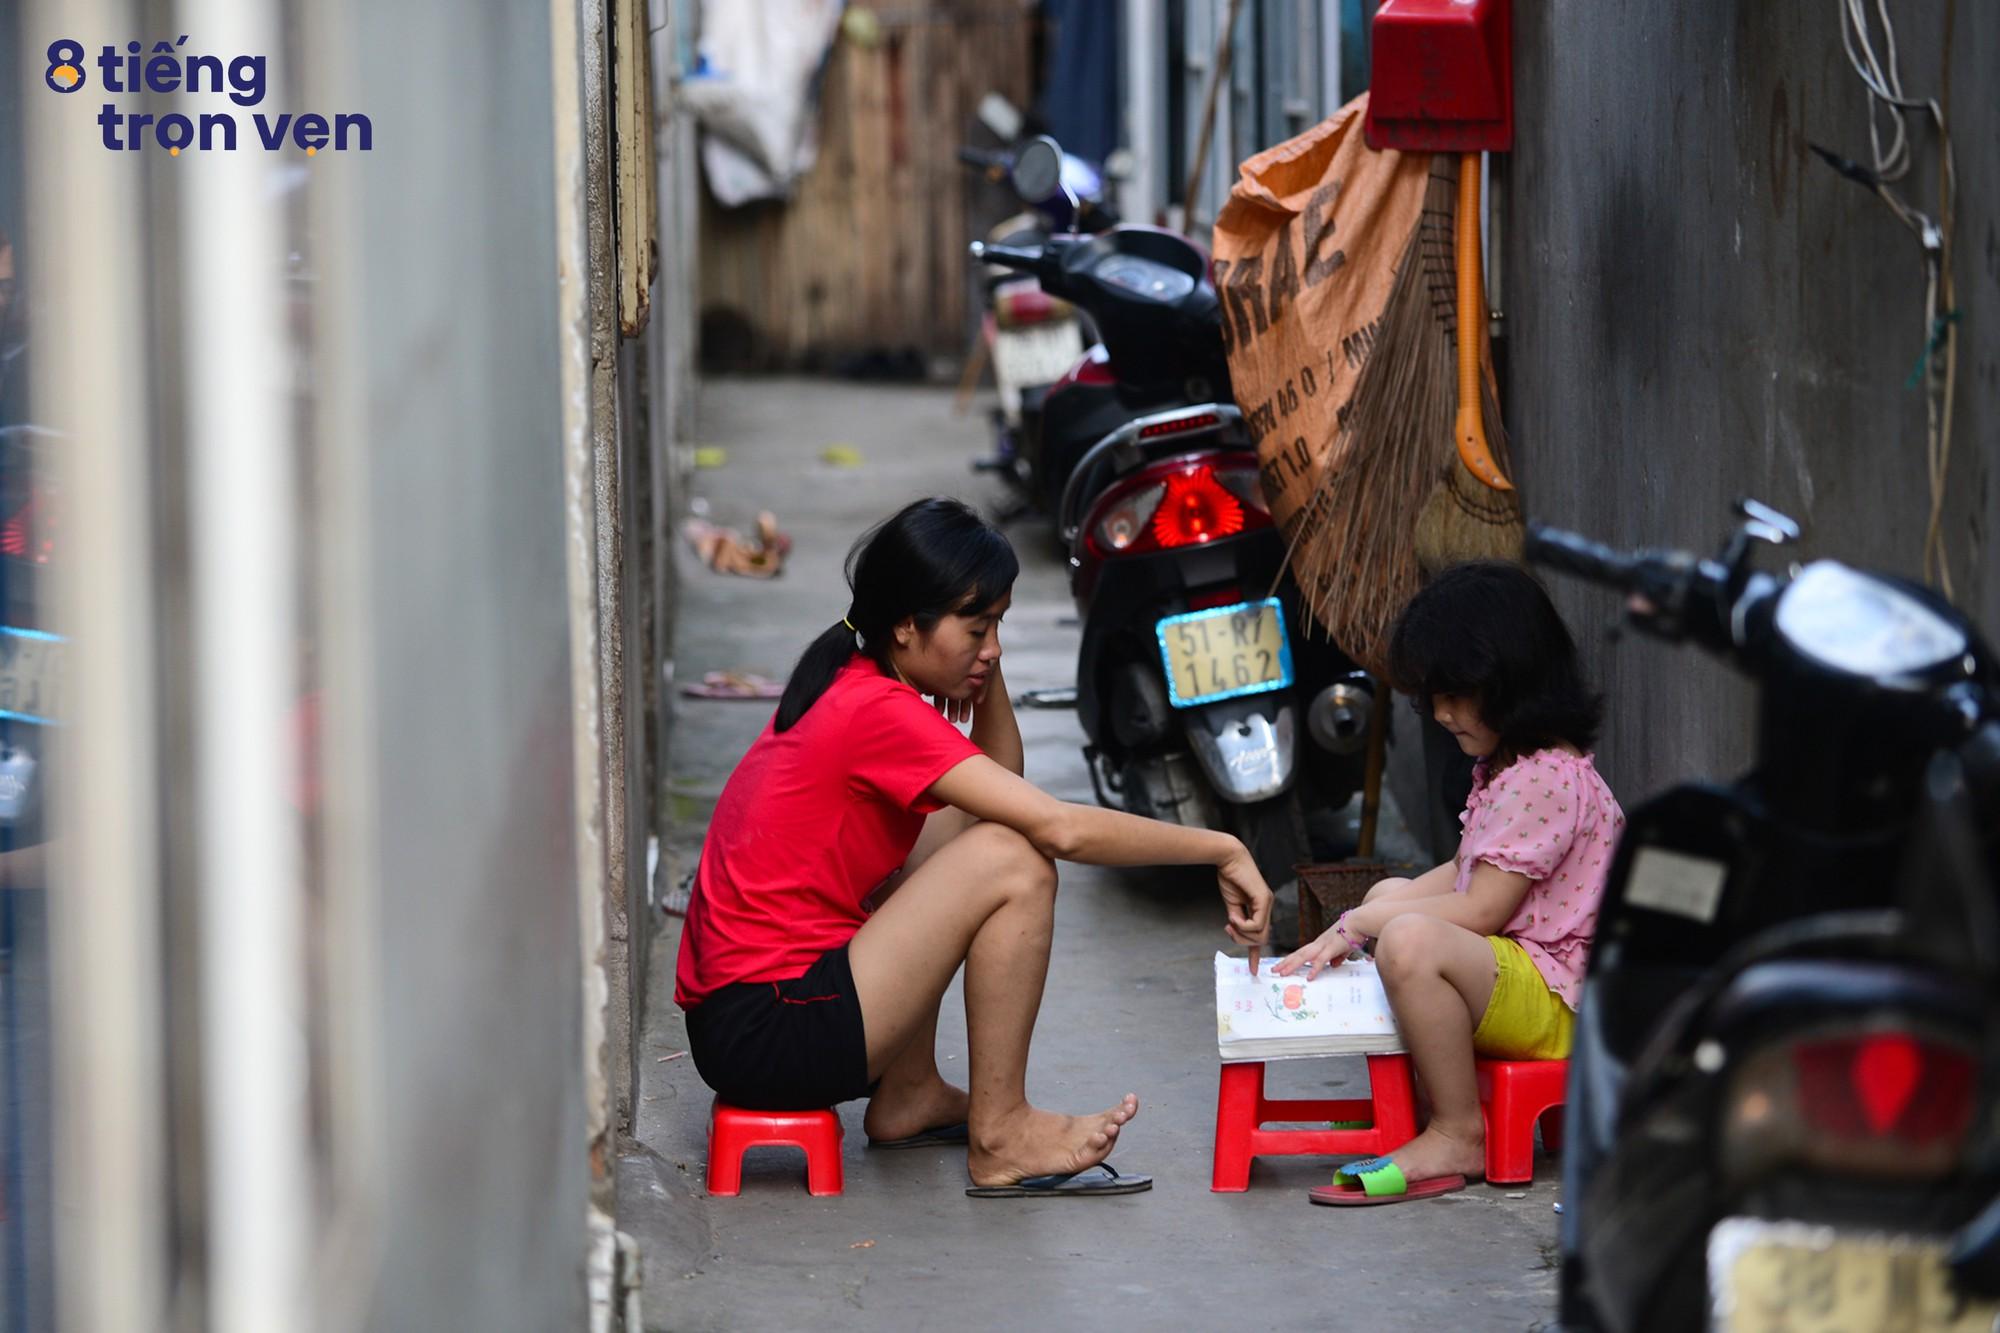 8 tiếng trọn vẹn - Bộ ảnh đầy cảm xúc về cuộc sống mưu sinh hối hả của những công nhân Sài Gòn sau giờ tan ca - Ảnh 10.